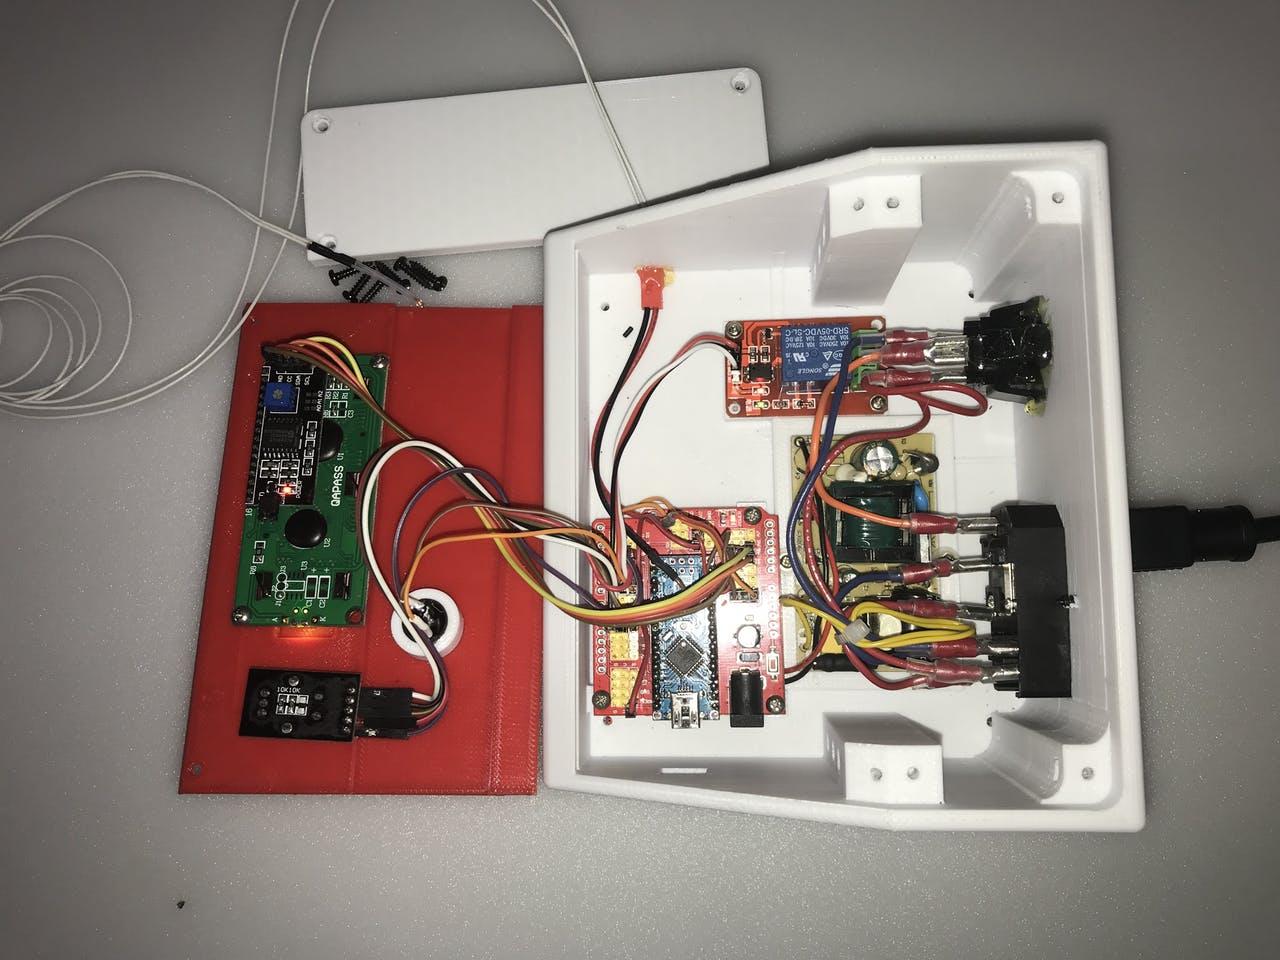 «Сторож» 3D-принтера и испытатель термисторов - 4